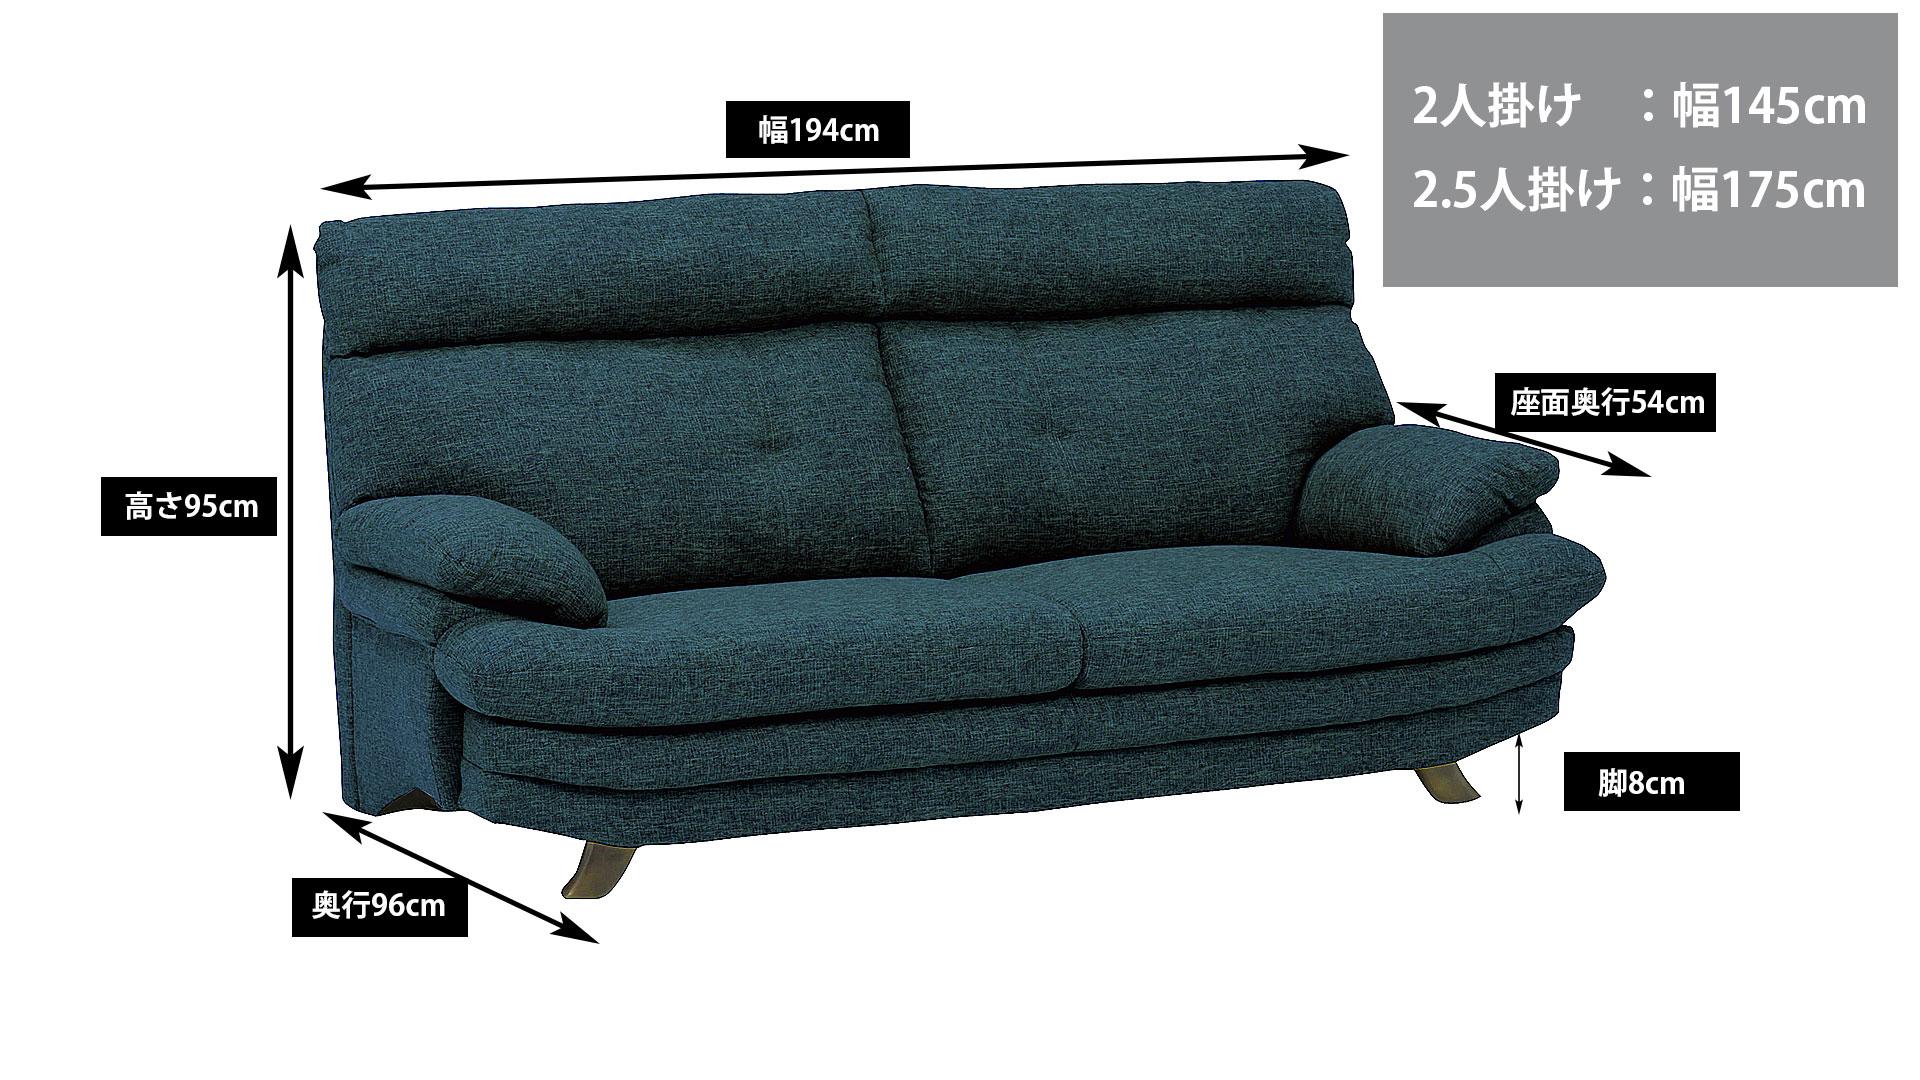 リビンズのソファ「ジェム」のサイズの画像